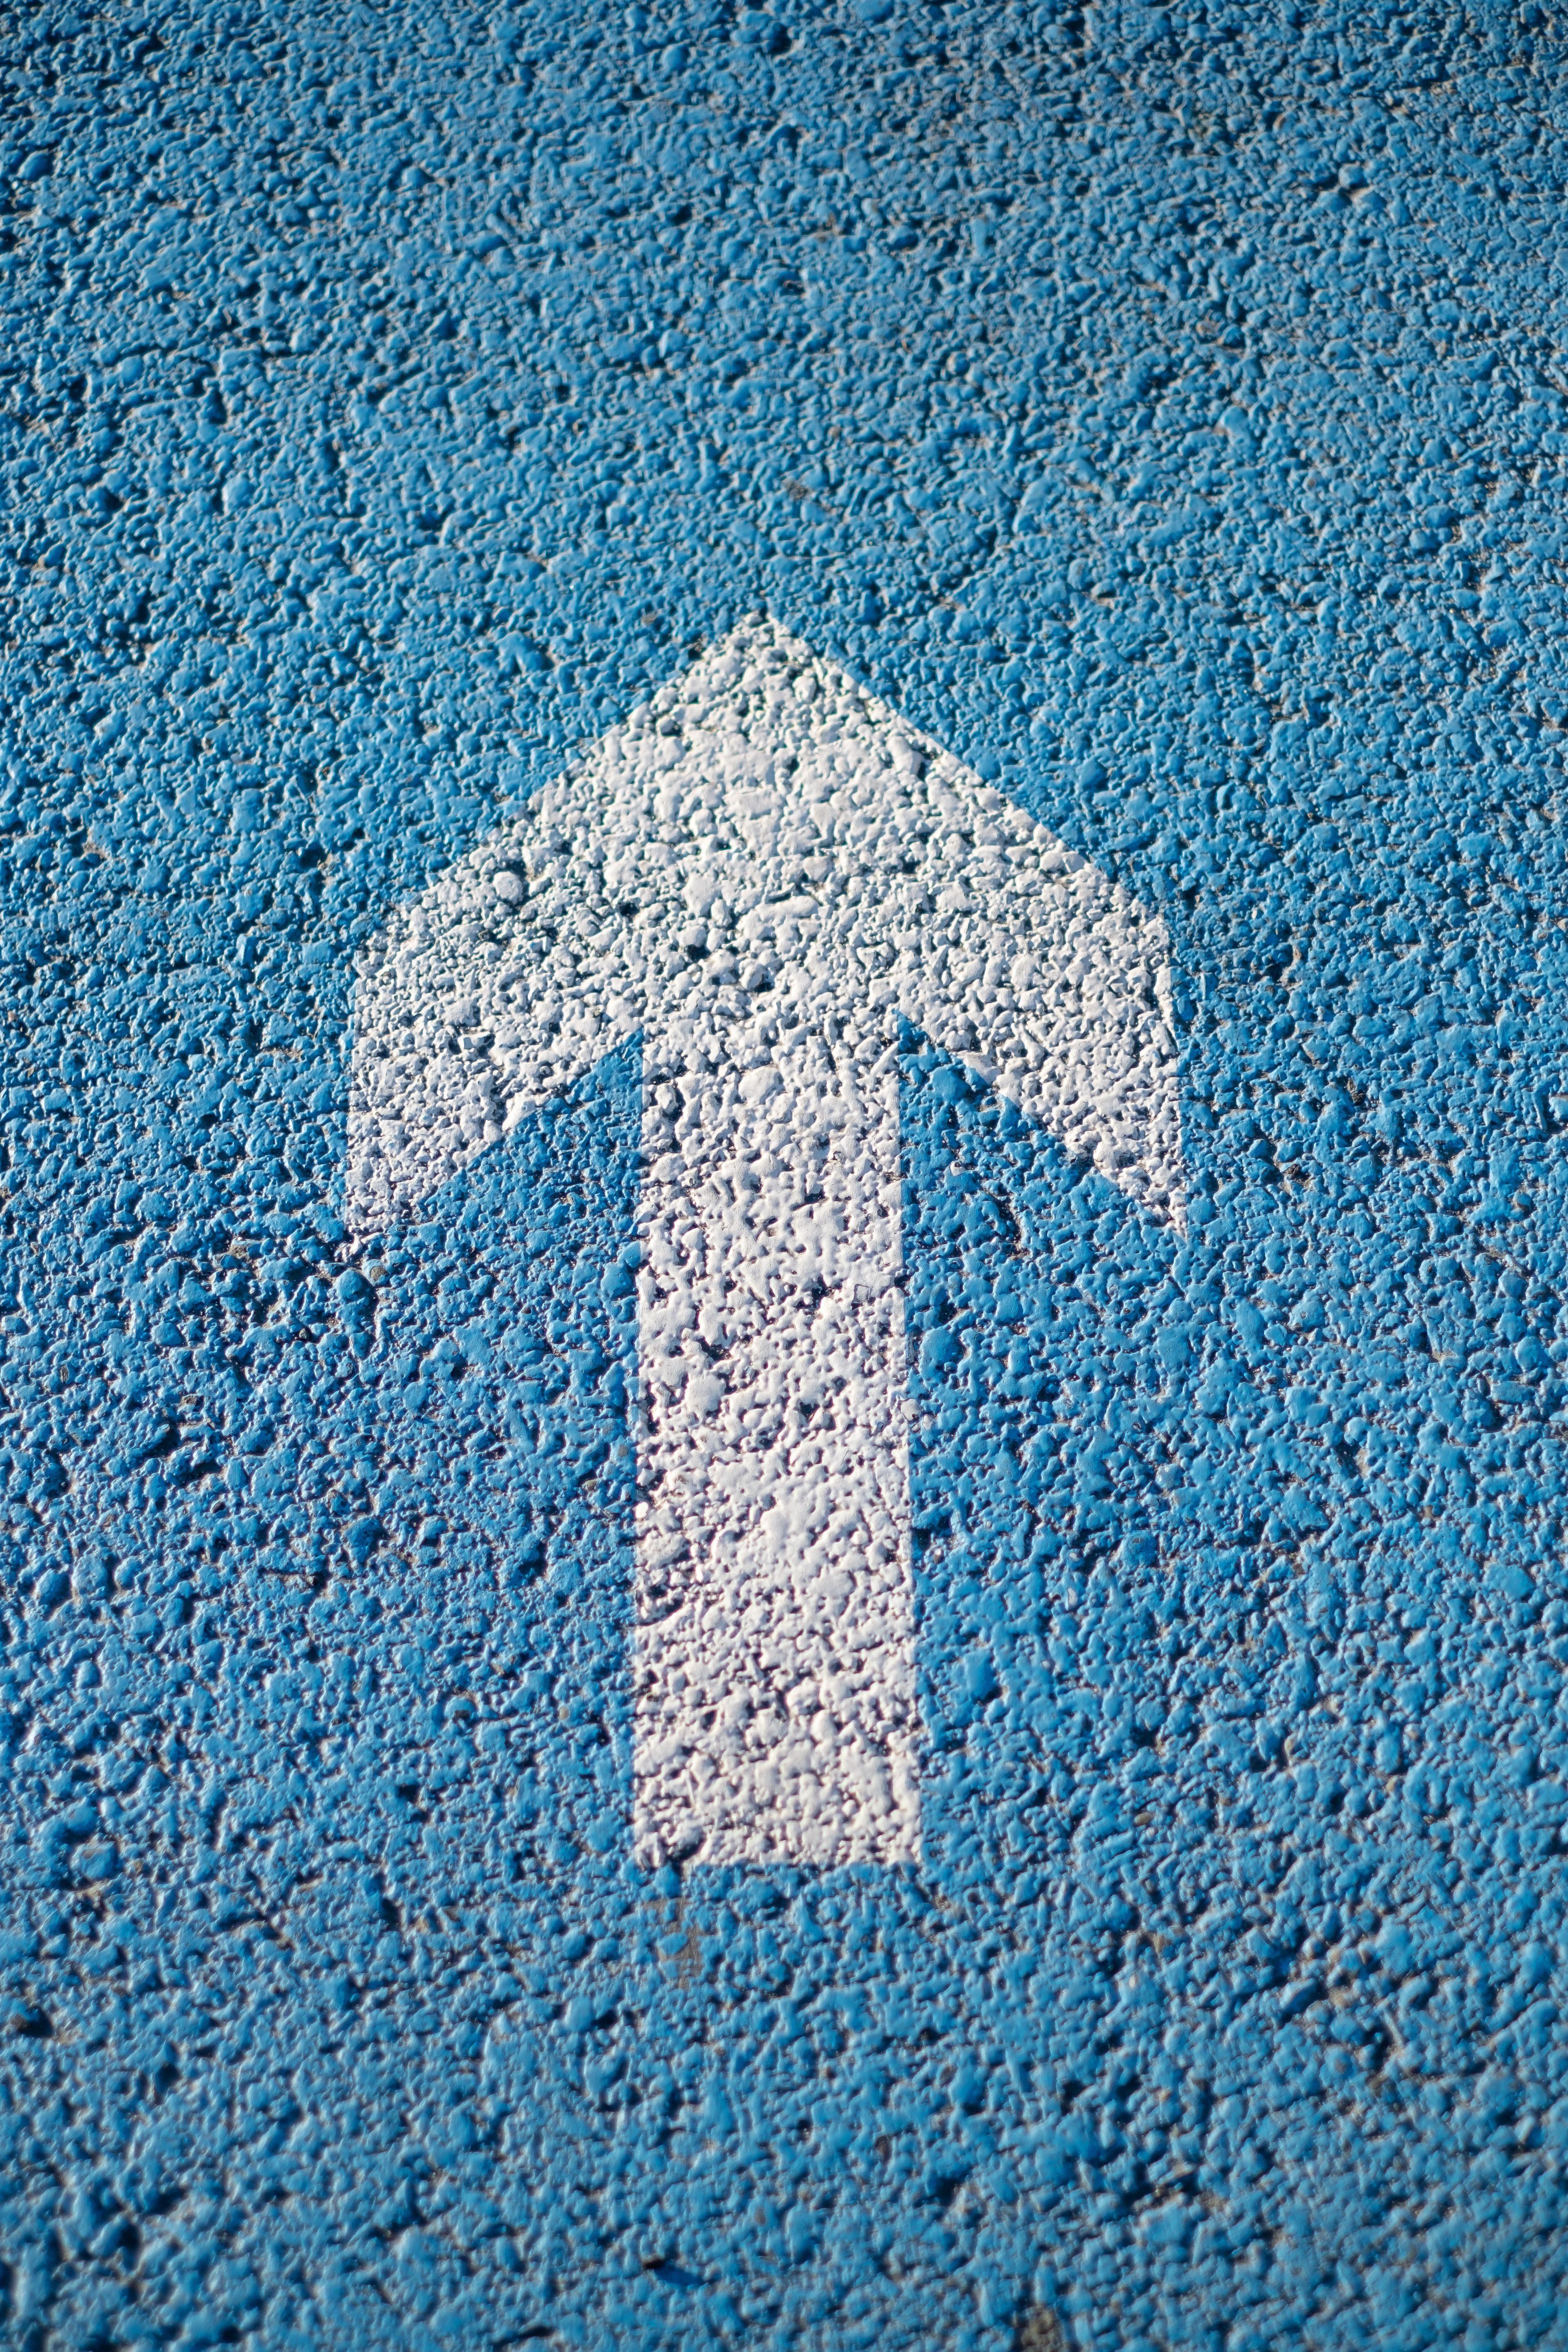 VISUS Health IT veröffentlicht CSR-Strategie